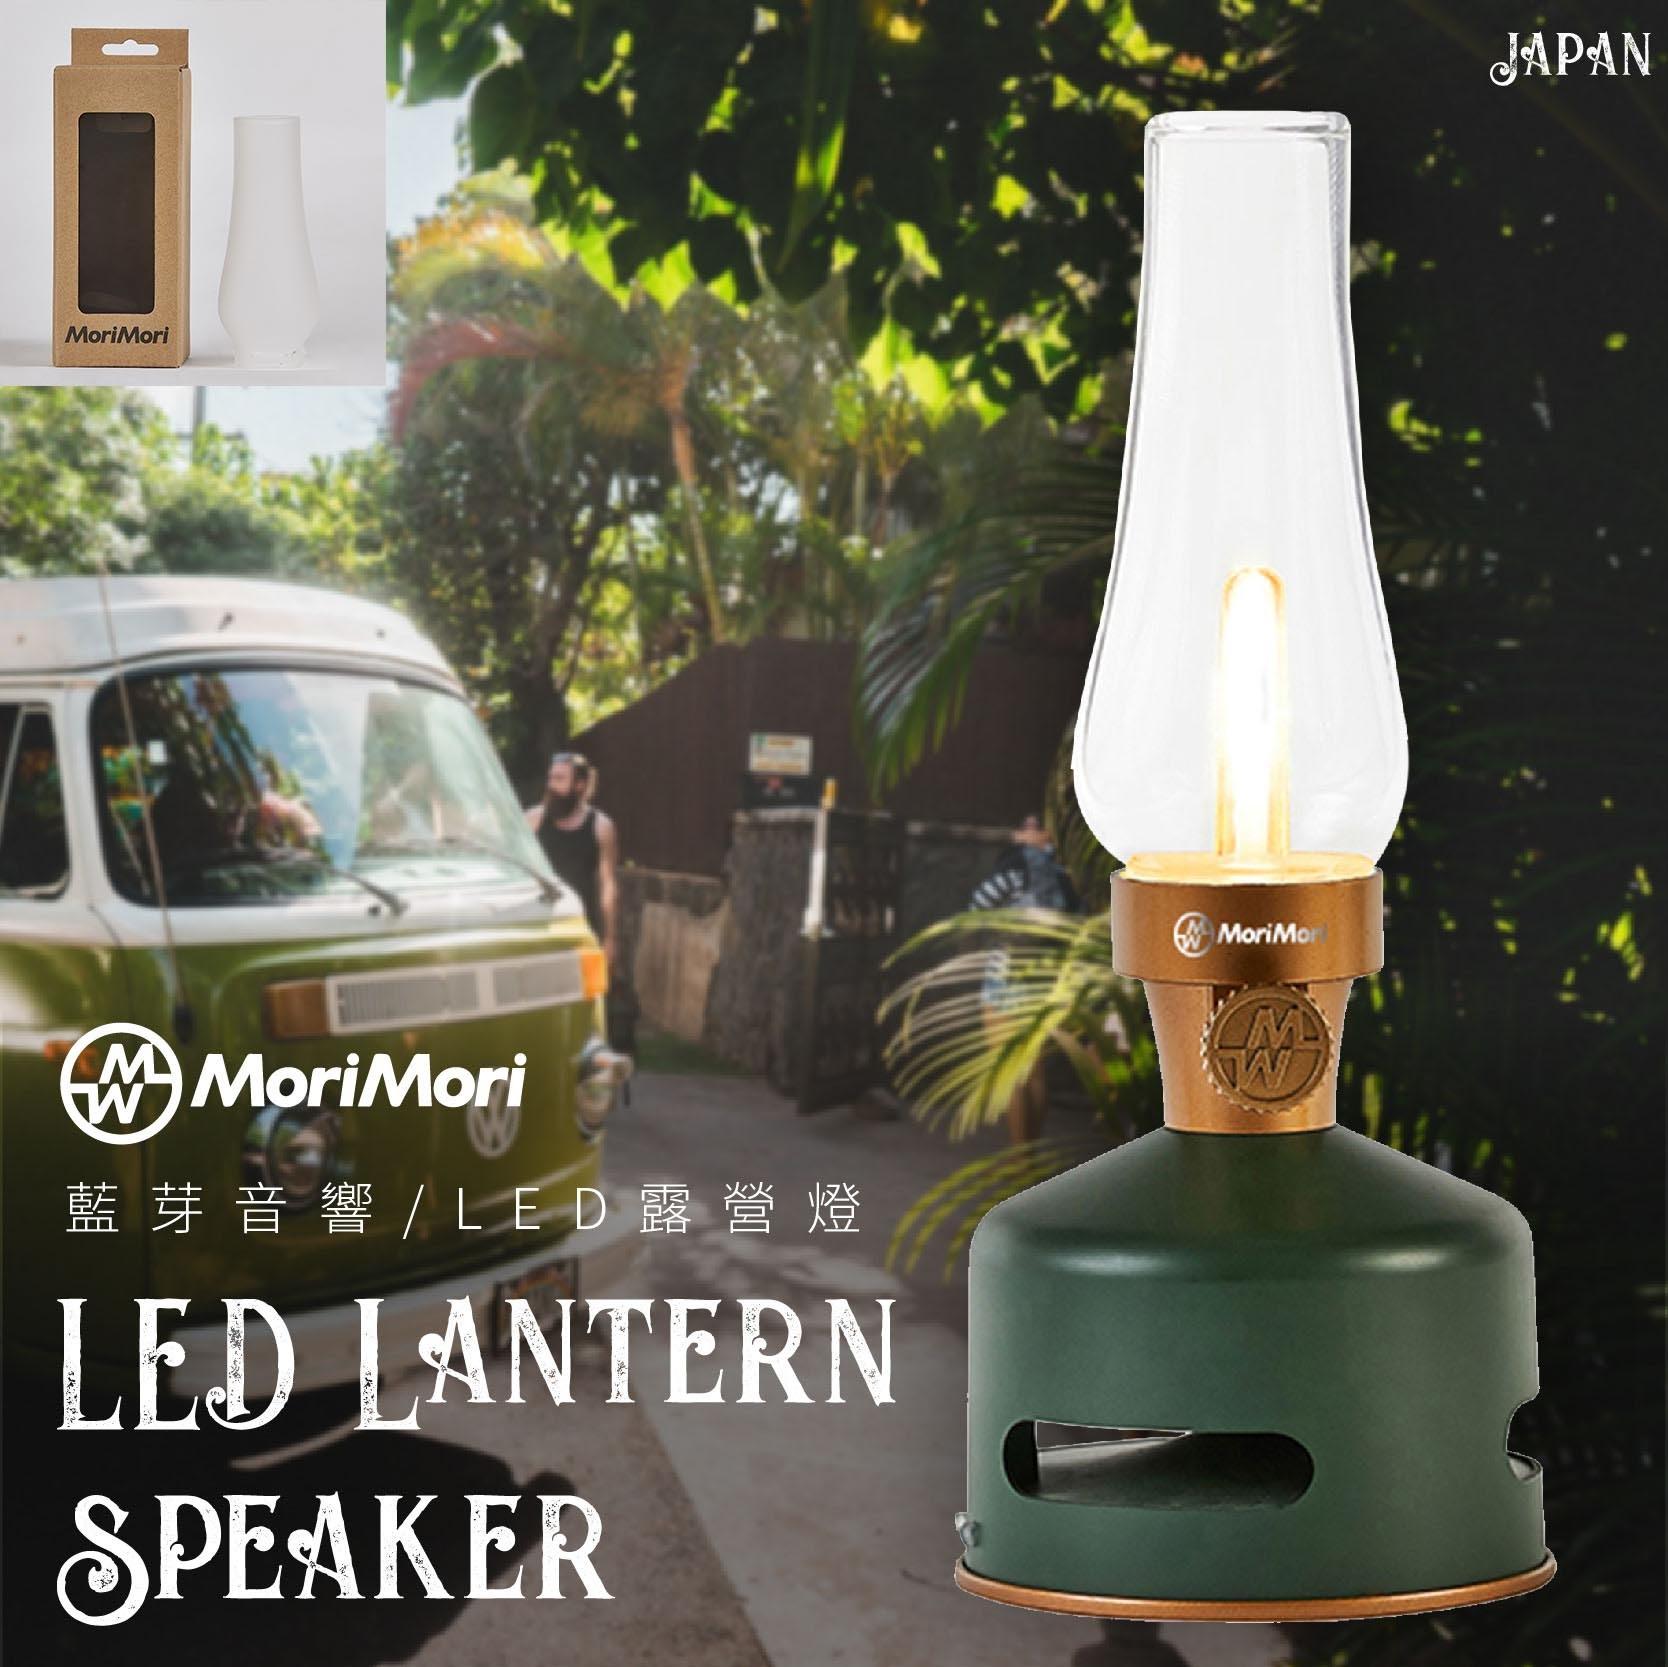 【燈罩組合-透明+霧面】MoriMori 藍牙音響LED露營燈-深綠色 (可調光/室內/露營/油燈/小夜燈/喇叭/音響)